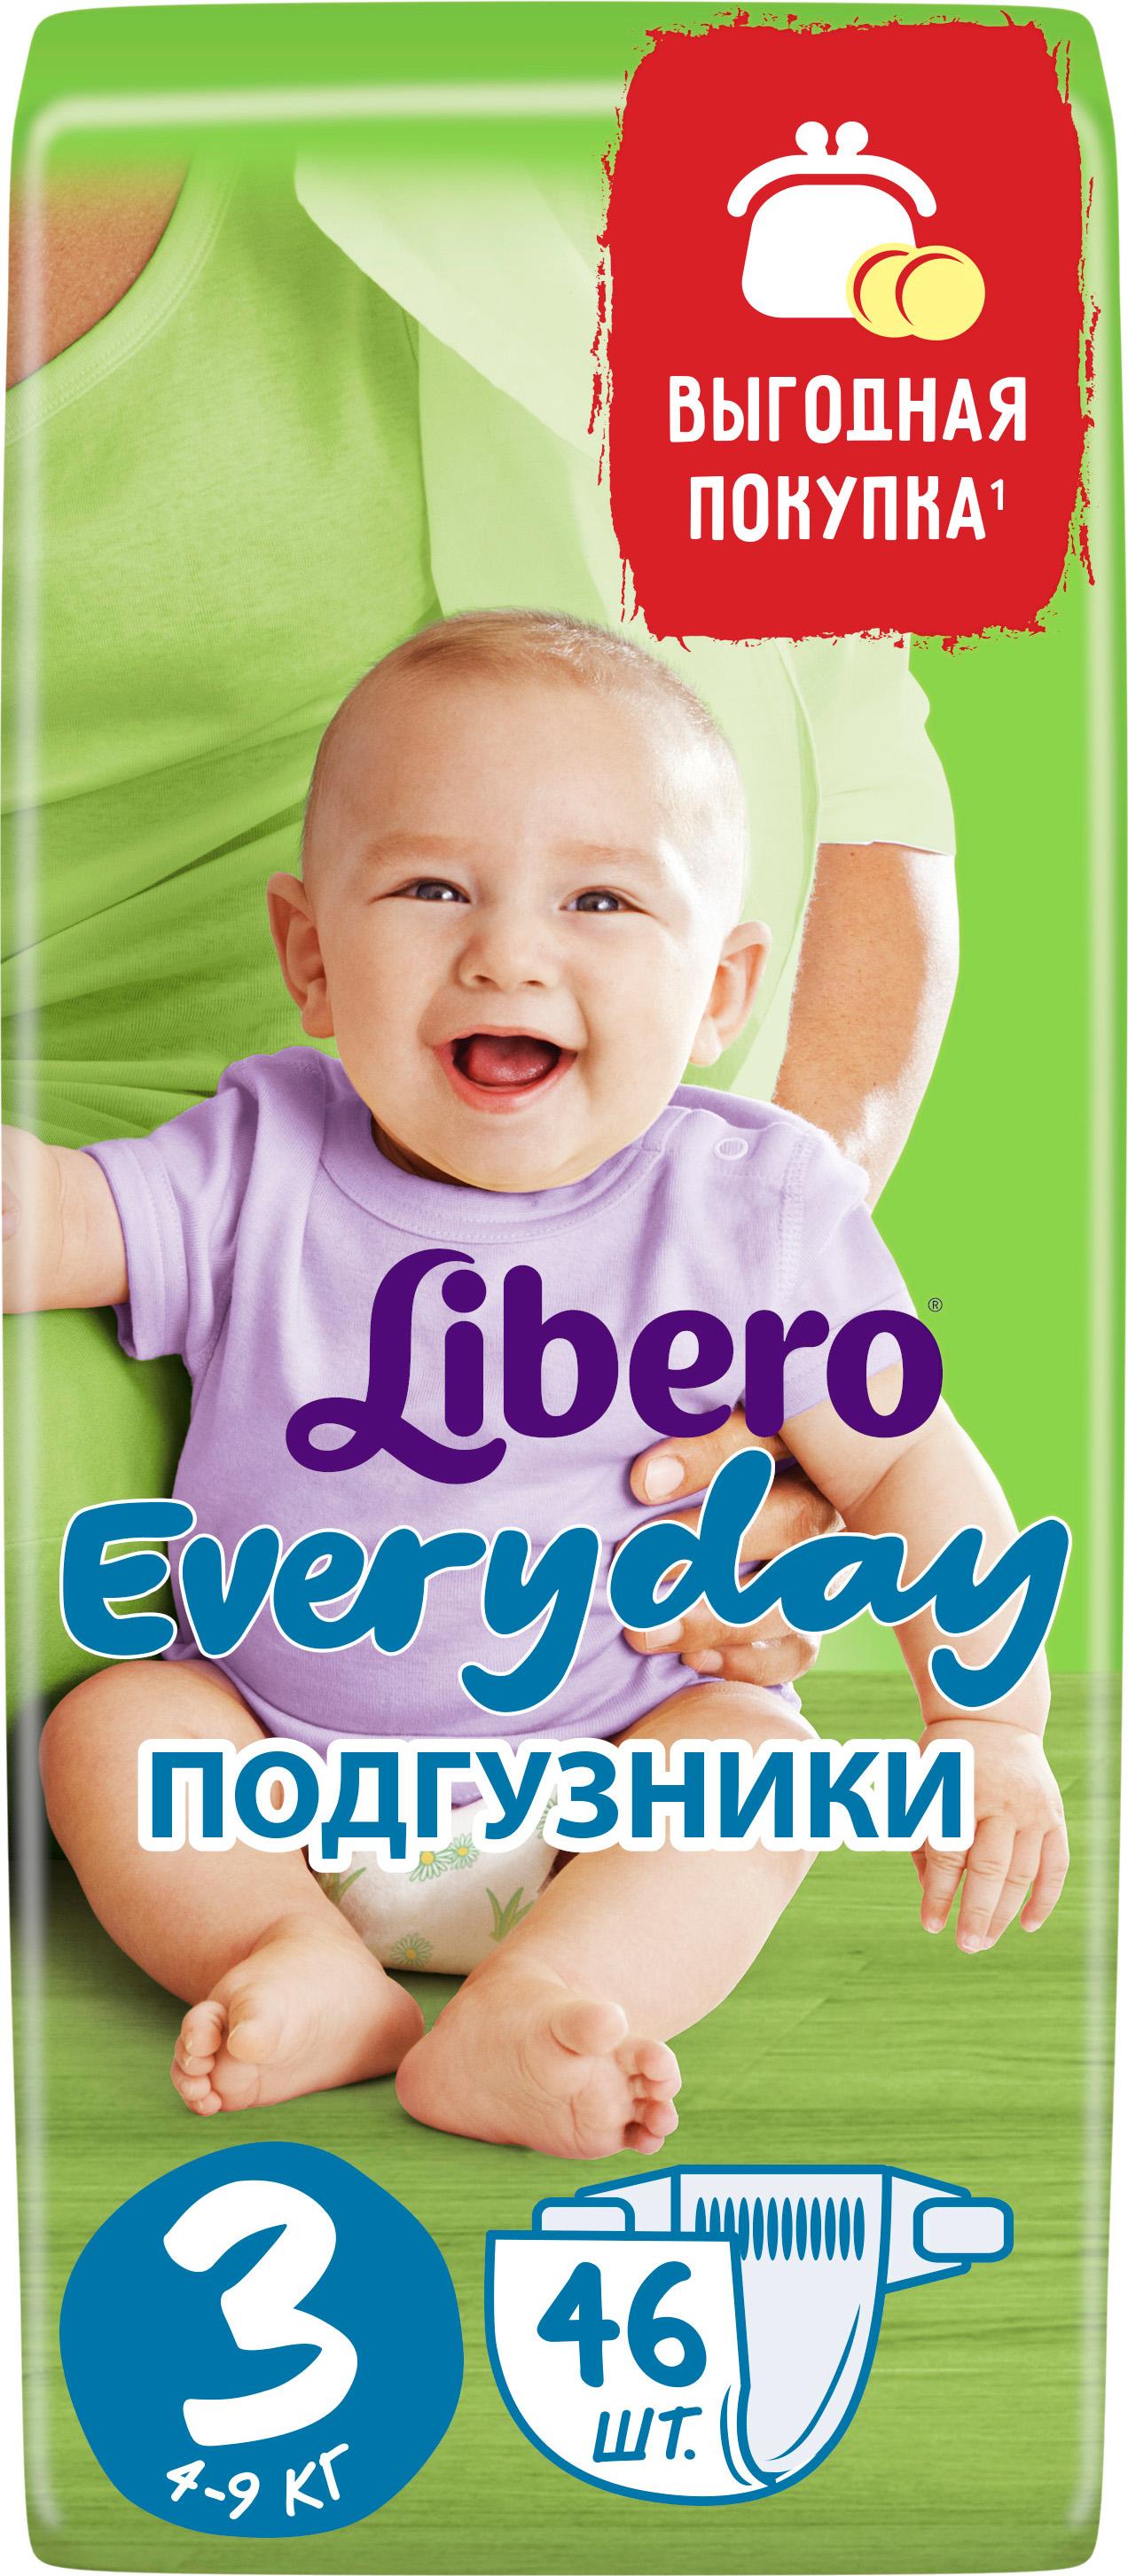 Подгузники для малышей Libero Everyday 3 (4-9 кг) 46 шт. цена